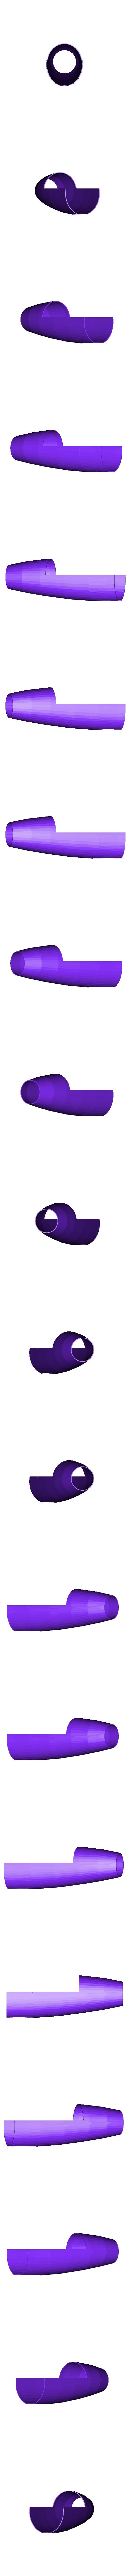 Fuse_shell_front.stl Télécharger fichier STL gratuit Planeur modulaire RC Sailplane entièrement imprimé en 3D. • Objet à imprimer en 3D, Georgemacghay